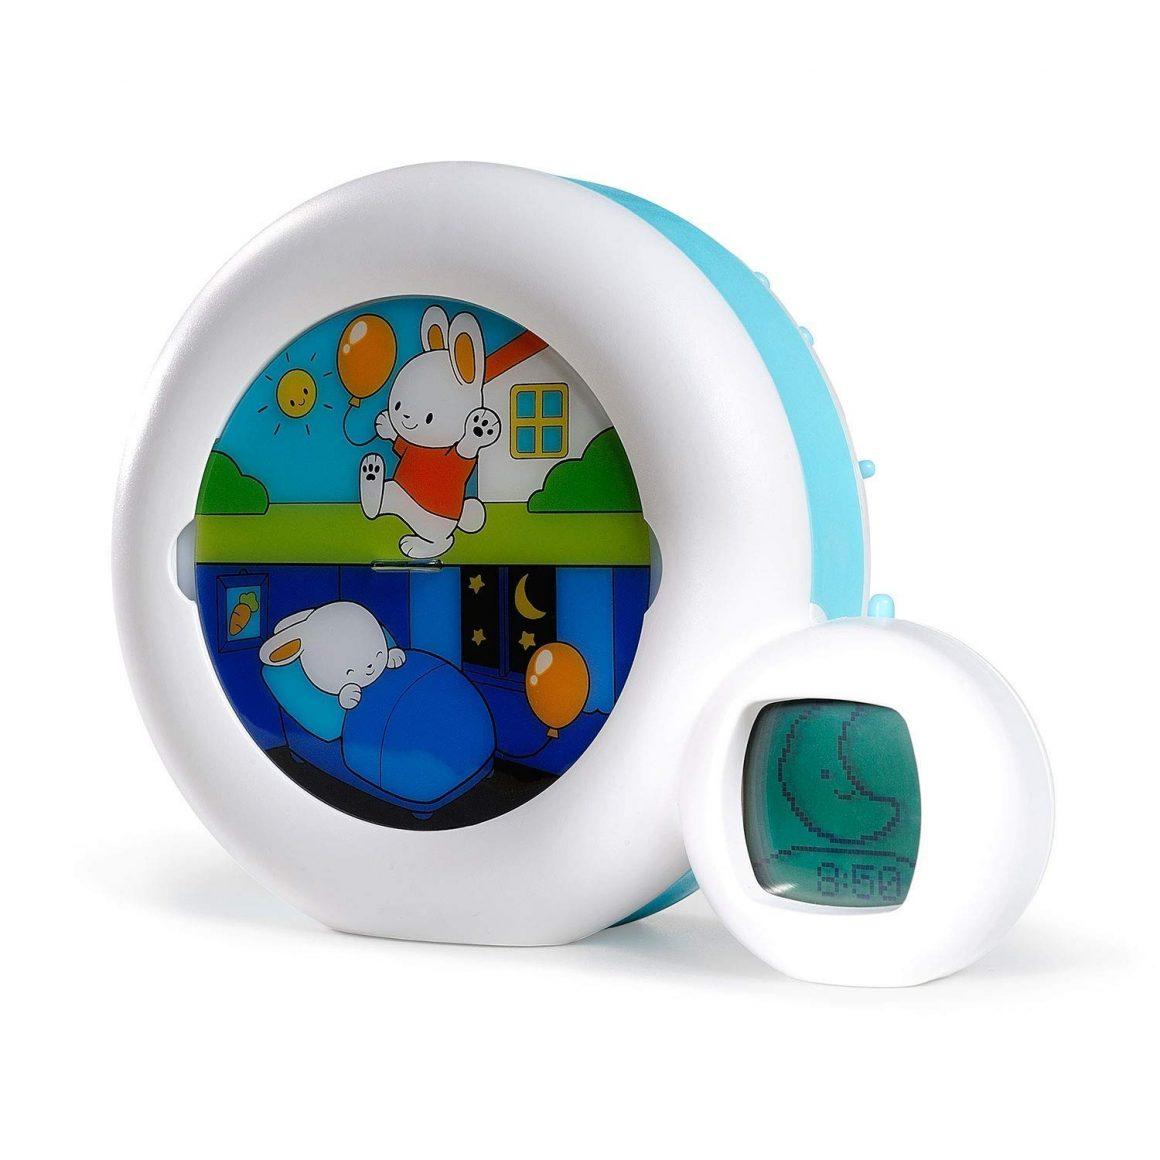 Claessens' Kid - Moon 3 en 1 veilleuse, indicateur & réveil - Reveil Musical Enfant Educatif Jour Nuit Lumineux - Blanc